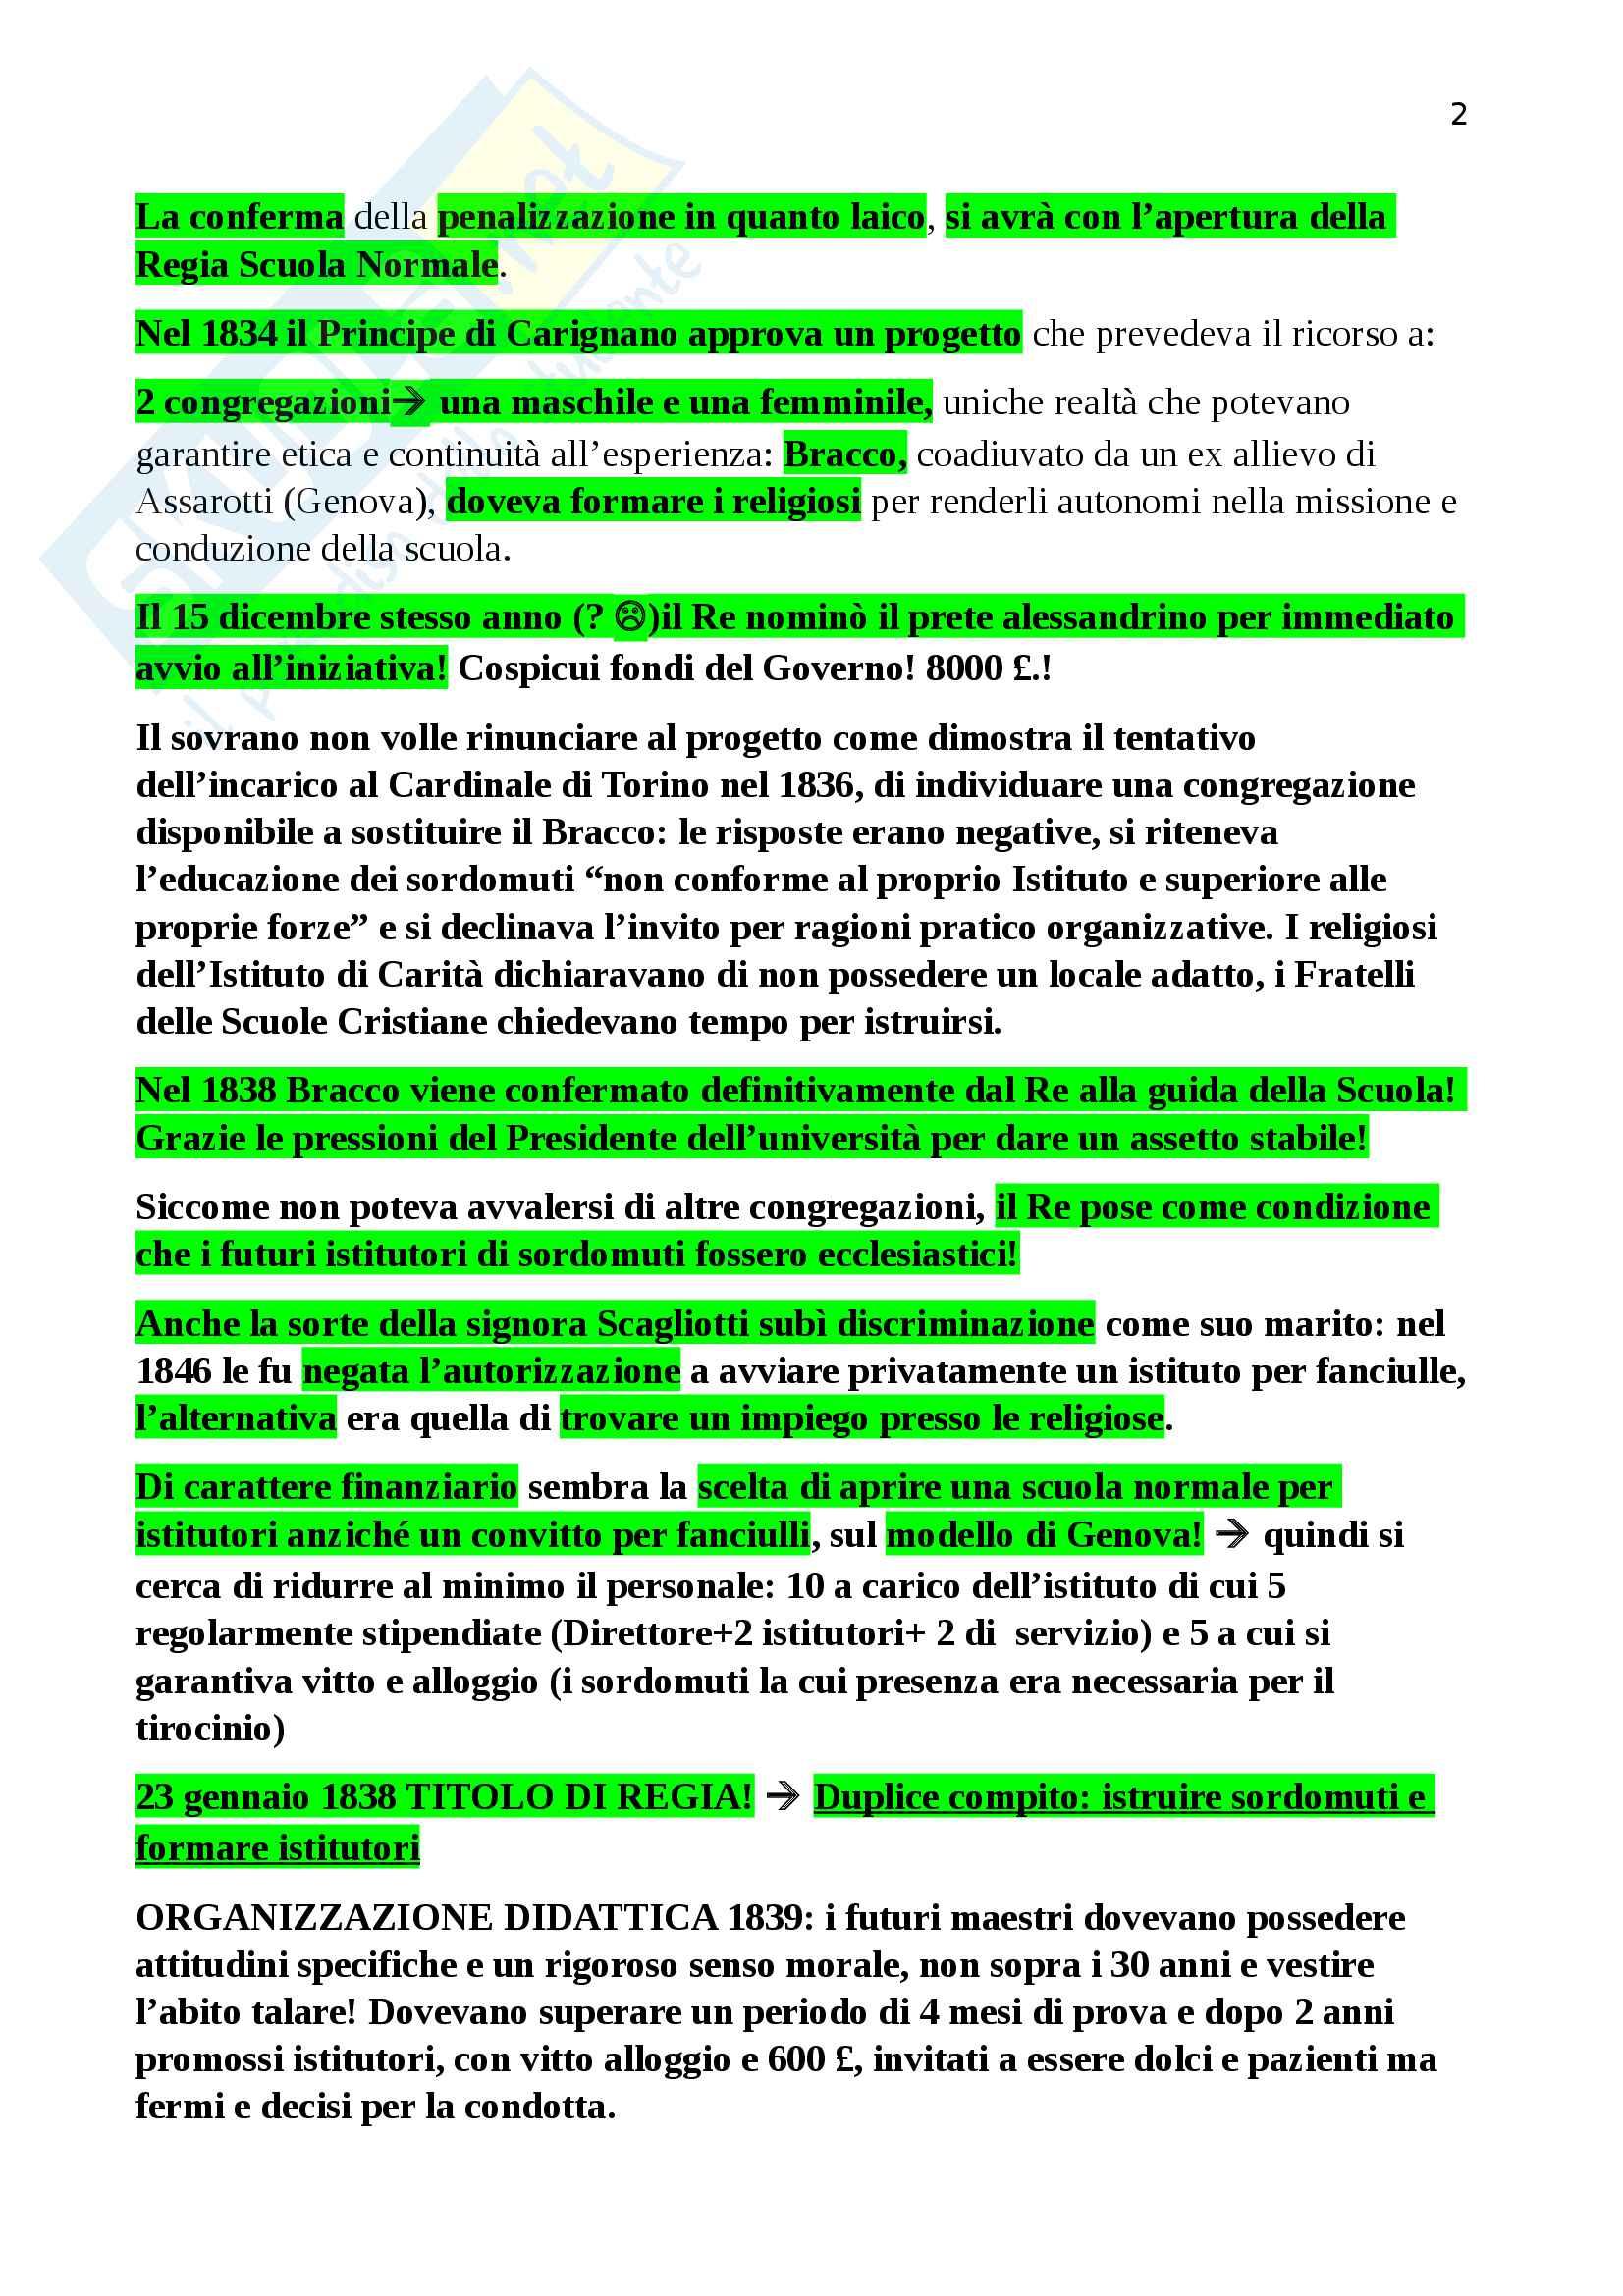 Riassunto esame storia della pedagogia, prof Morandini, libro consigliato La conquista della parola. L'educazione dei sordomuti a Torino tra Otto e Novecento Pag. 2